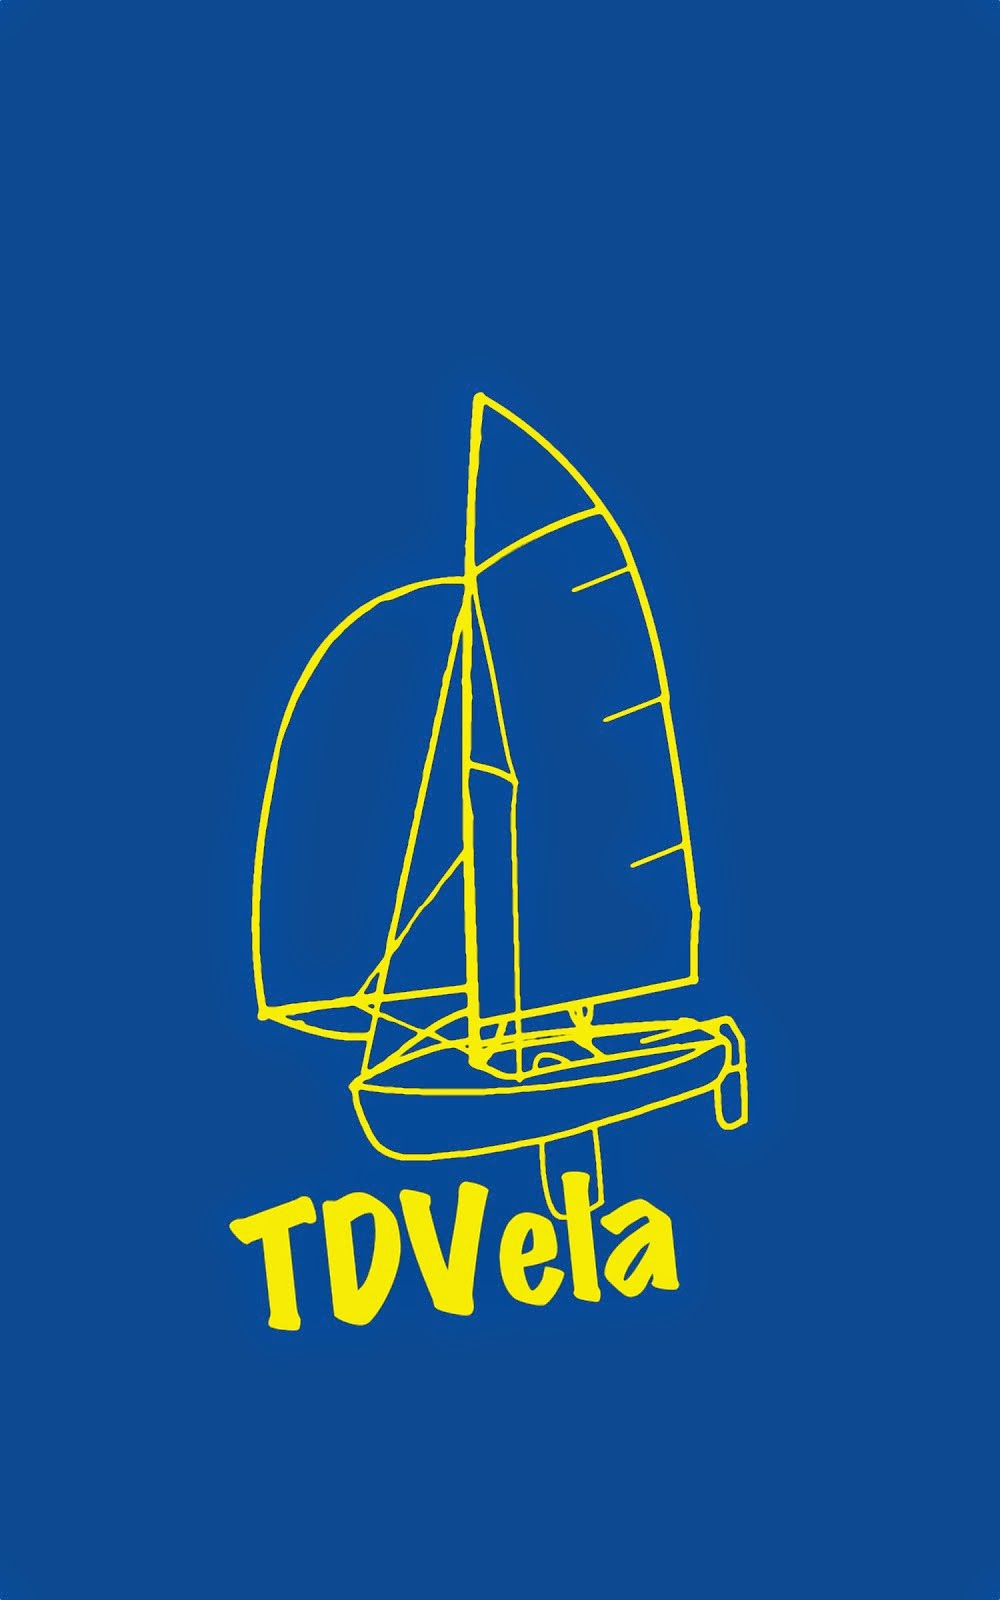 Logo Técnicos de vela